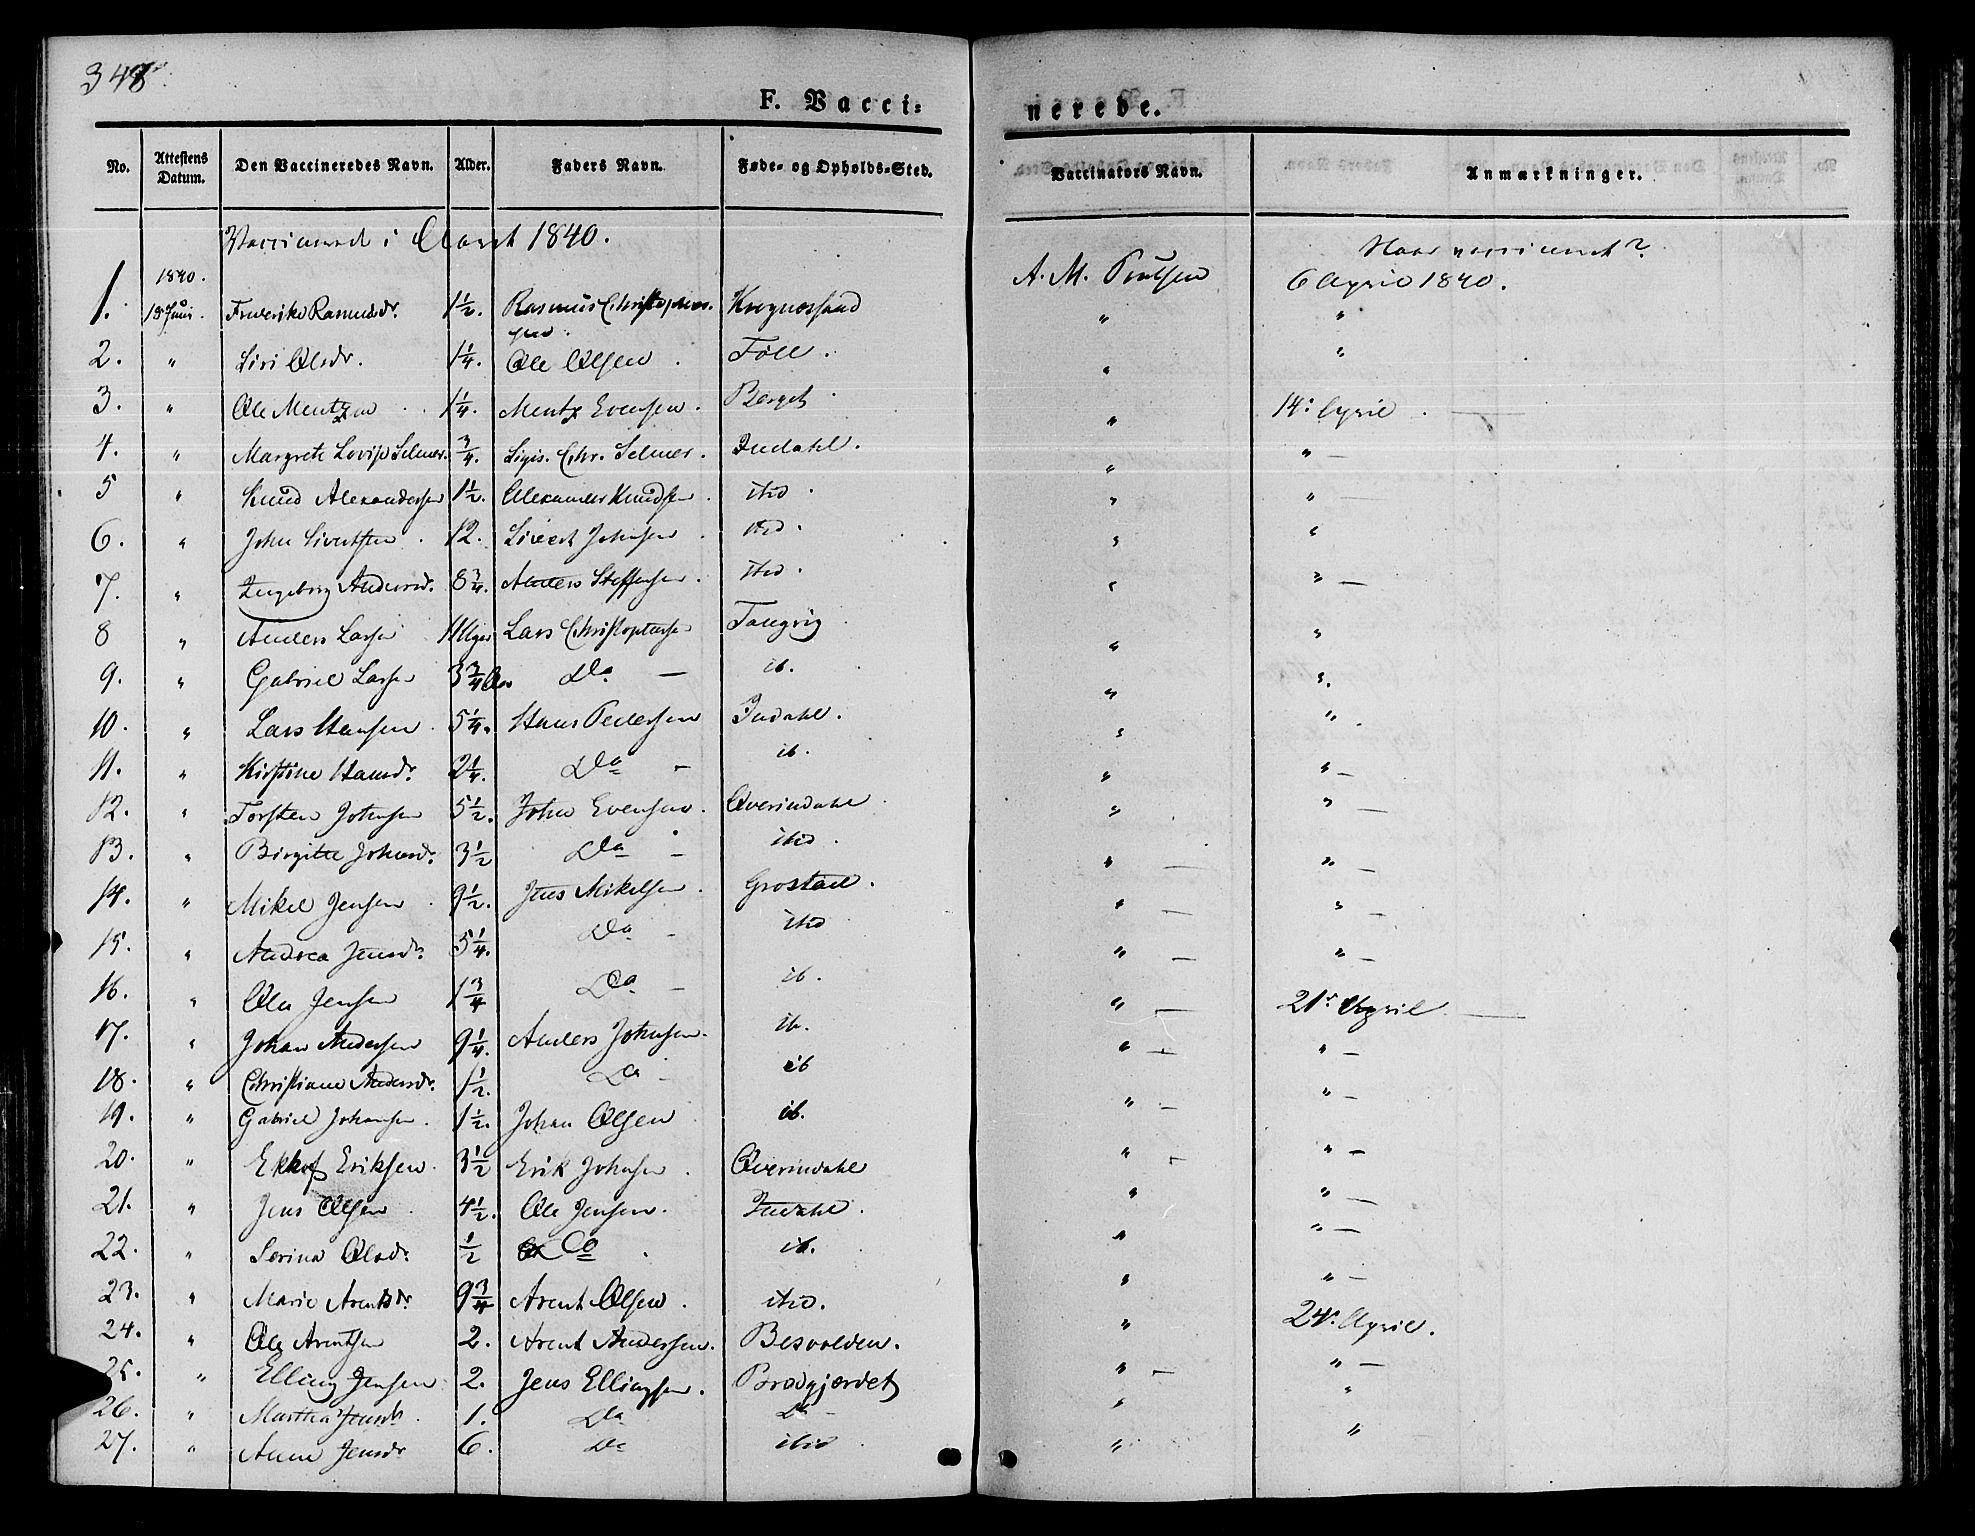 SAT, Ministerialprotokoller, klokkerbøker og fødselsregistre - Sør-Trøndelag, 646/L0610: Ministerialbok nr. 646A08, 1837-1847, s. 348